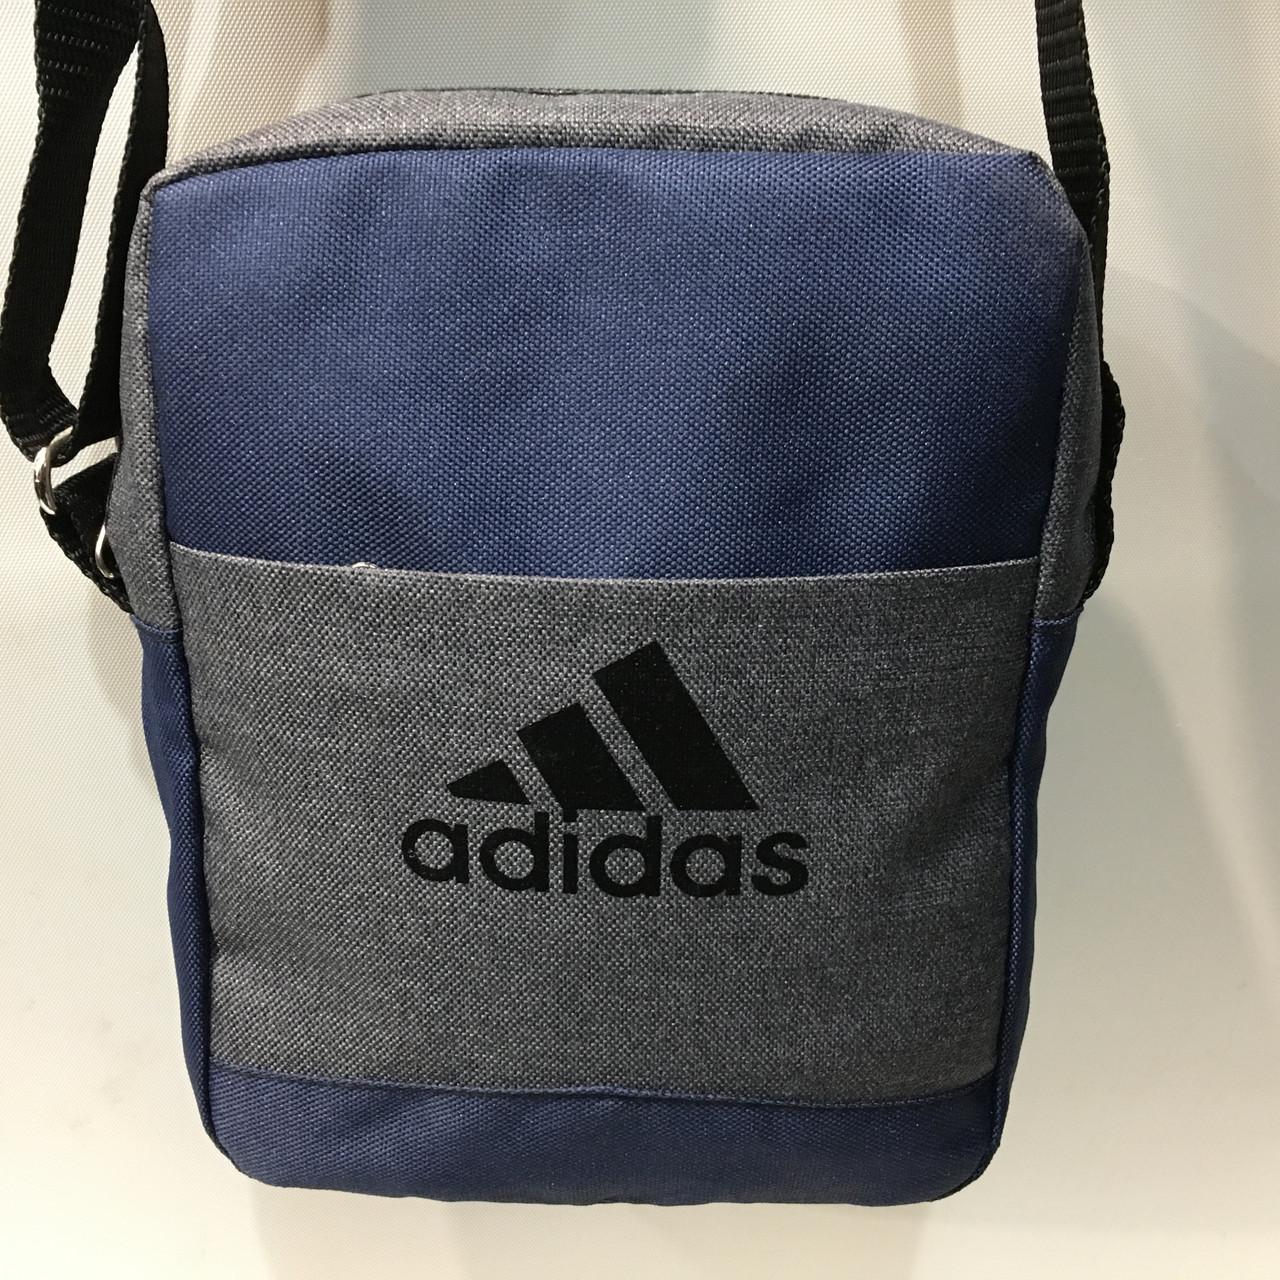 a986bf6ac801 Высококачественная мужская сумка через плече. Удобная, практичная сумка  Adidas оптом